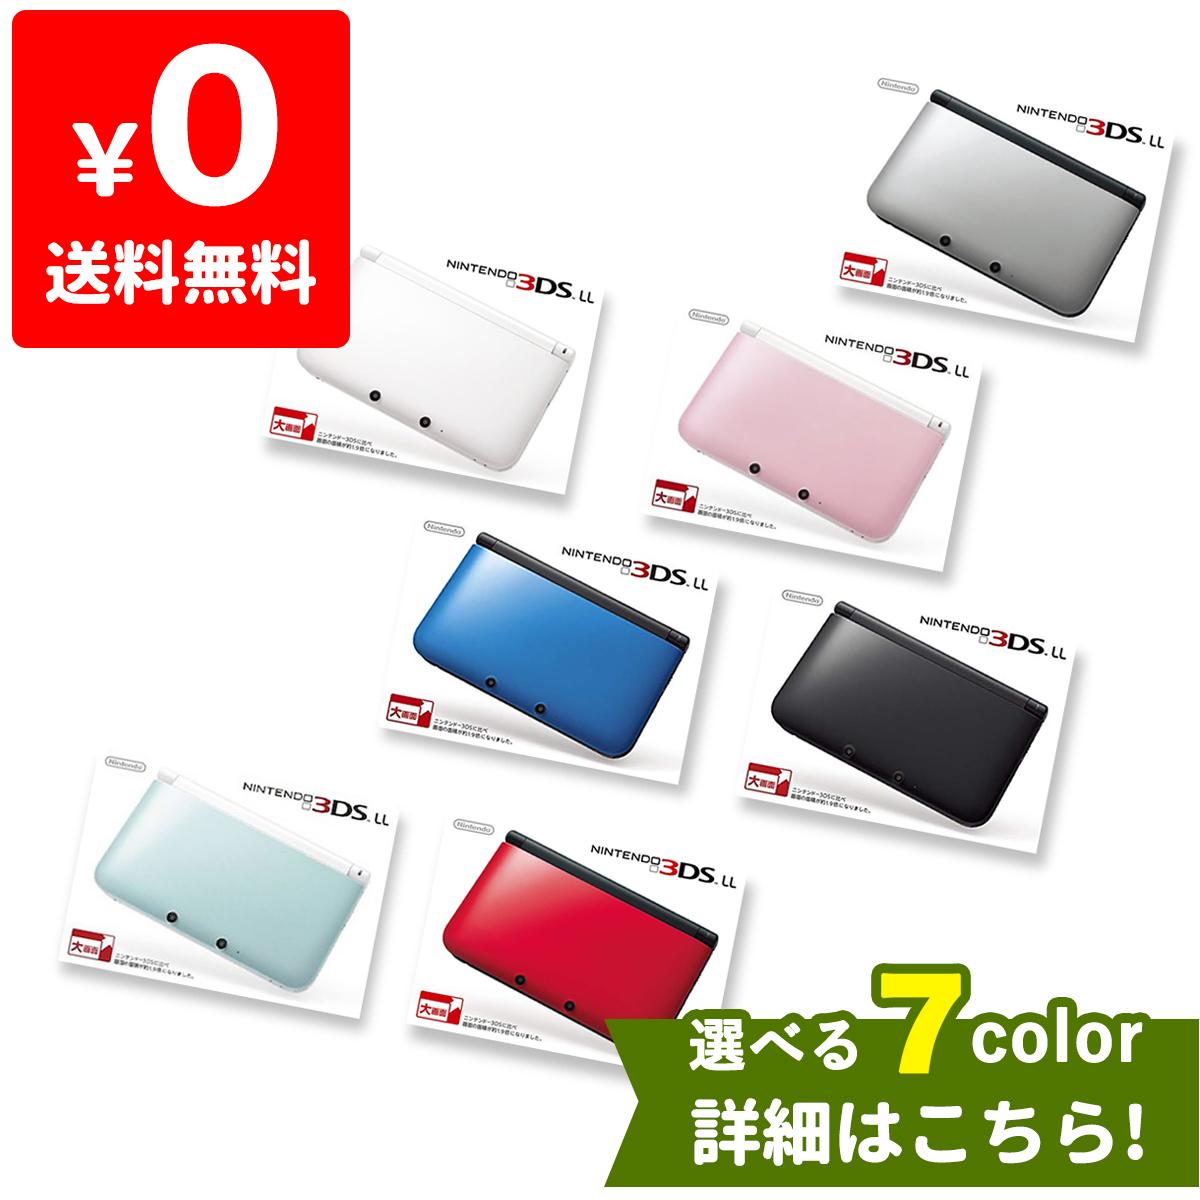 【送料無料】ニンテンドー 3DSLL 本体 中古 付属品完備 完品 選べる7色【中古】